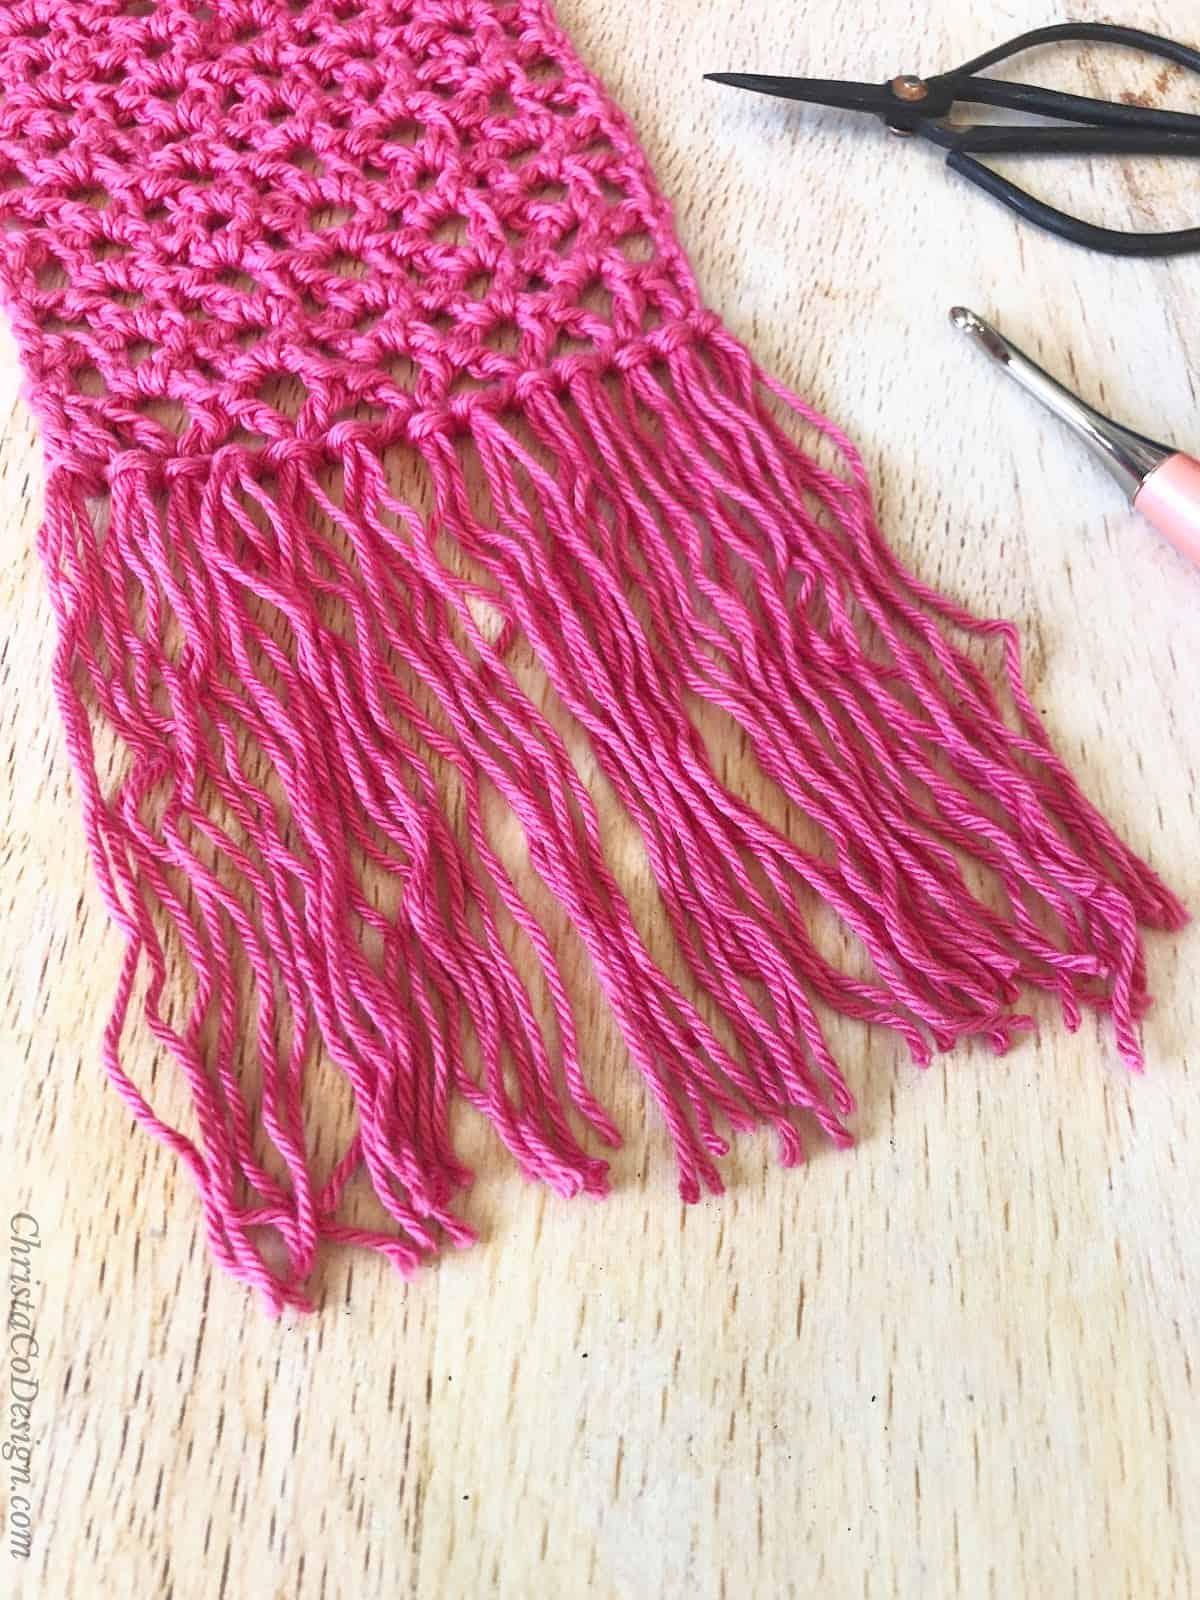 Fringe on end of skinny summer scarf.